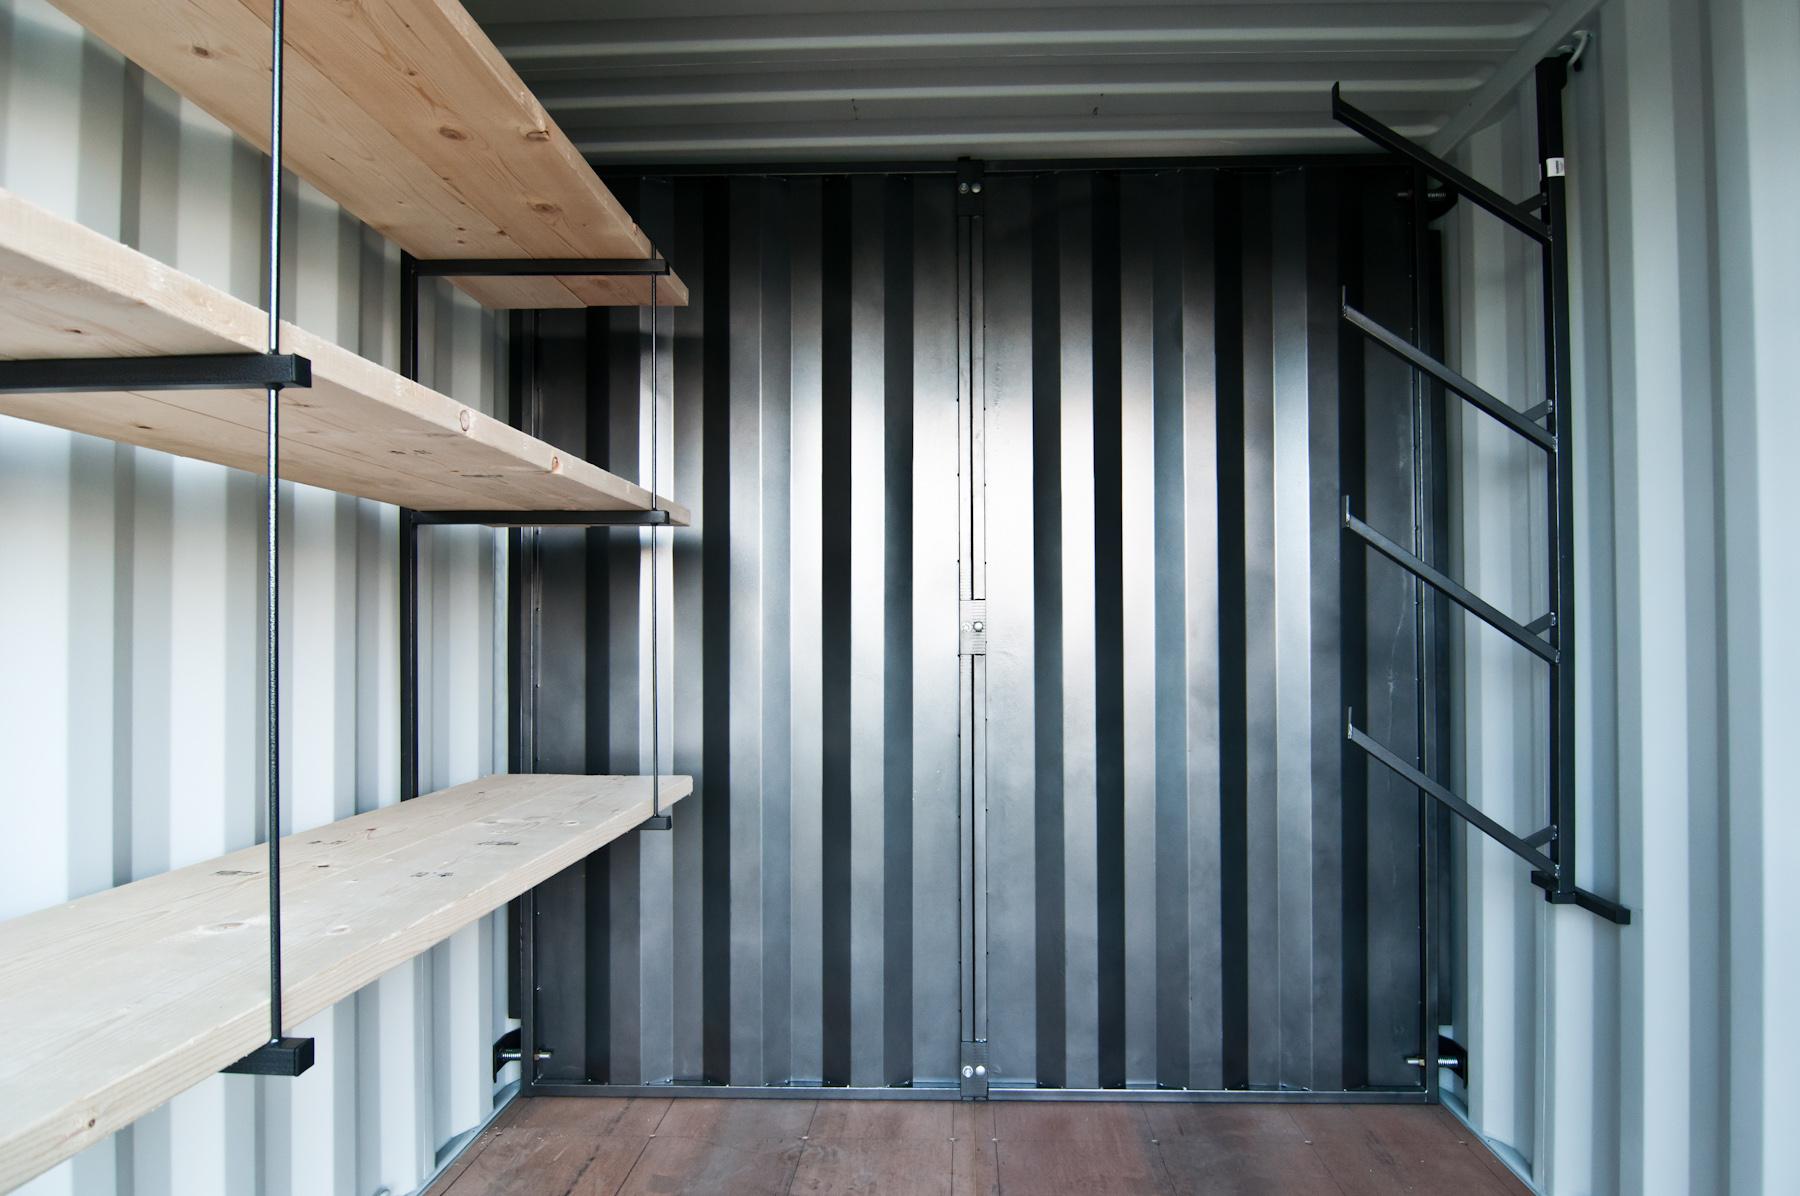 B1h.6020 INSTA Divider Wall